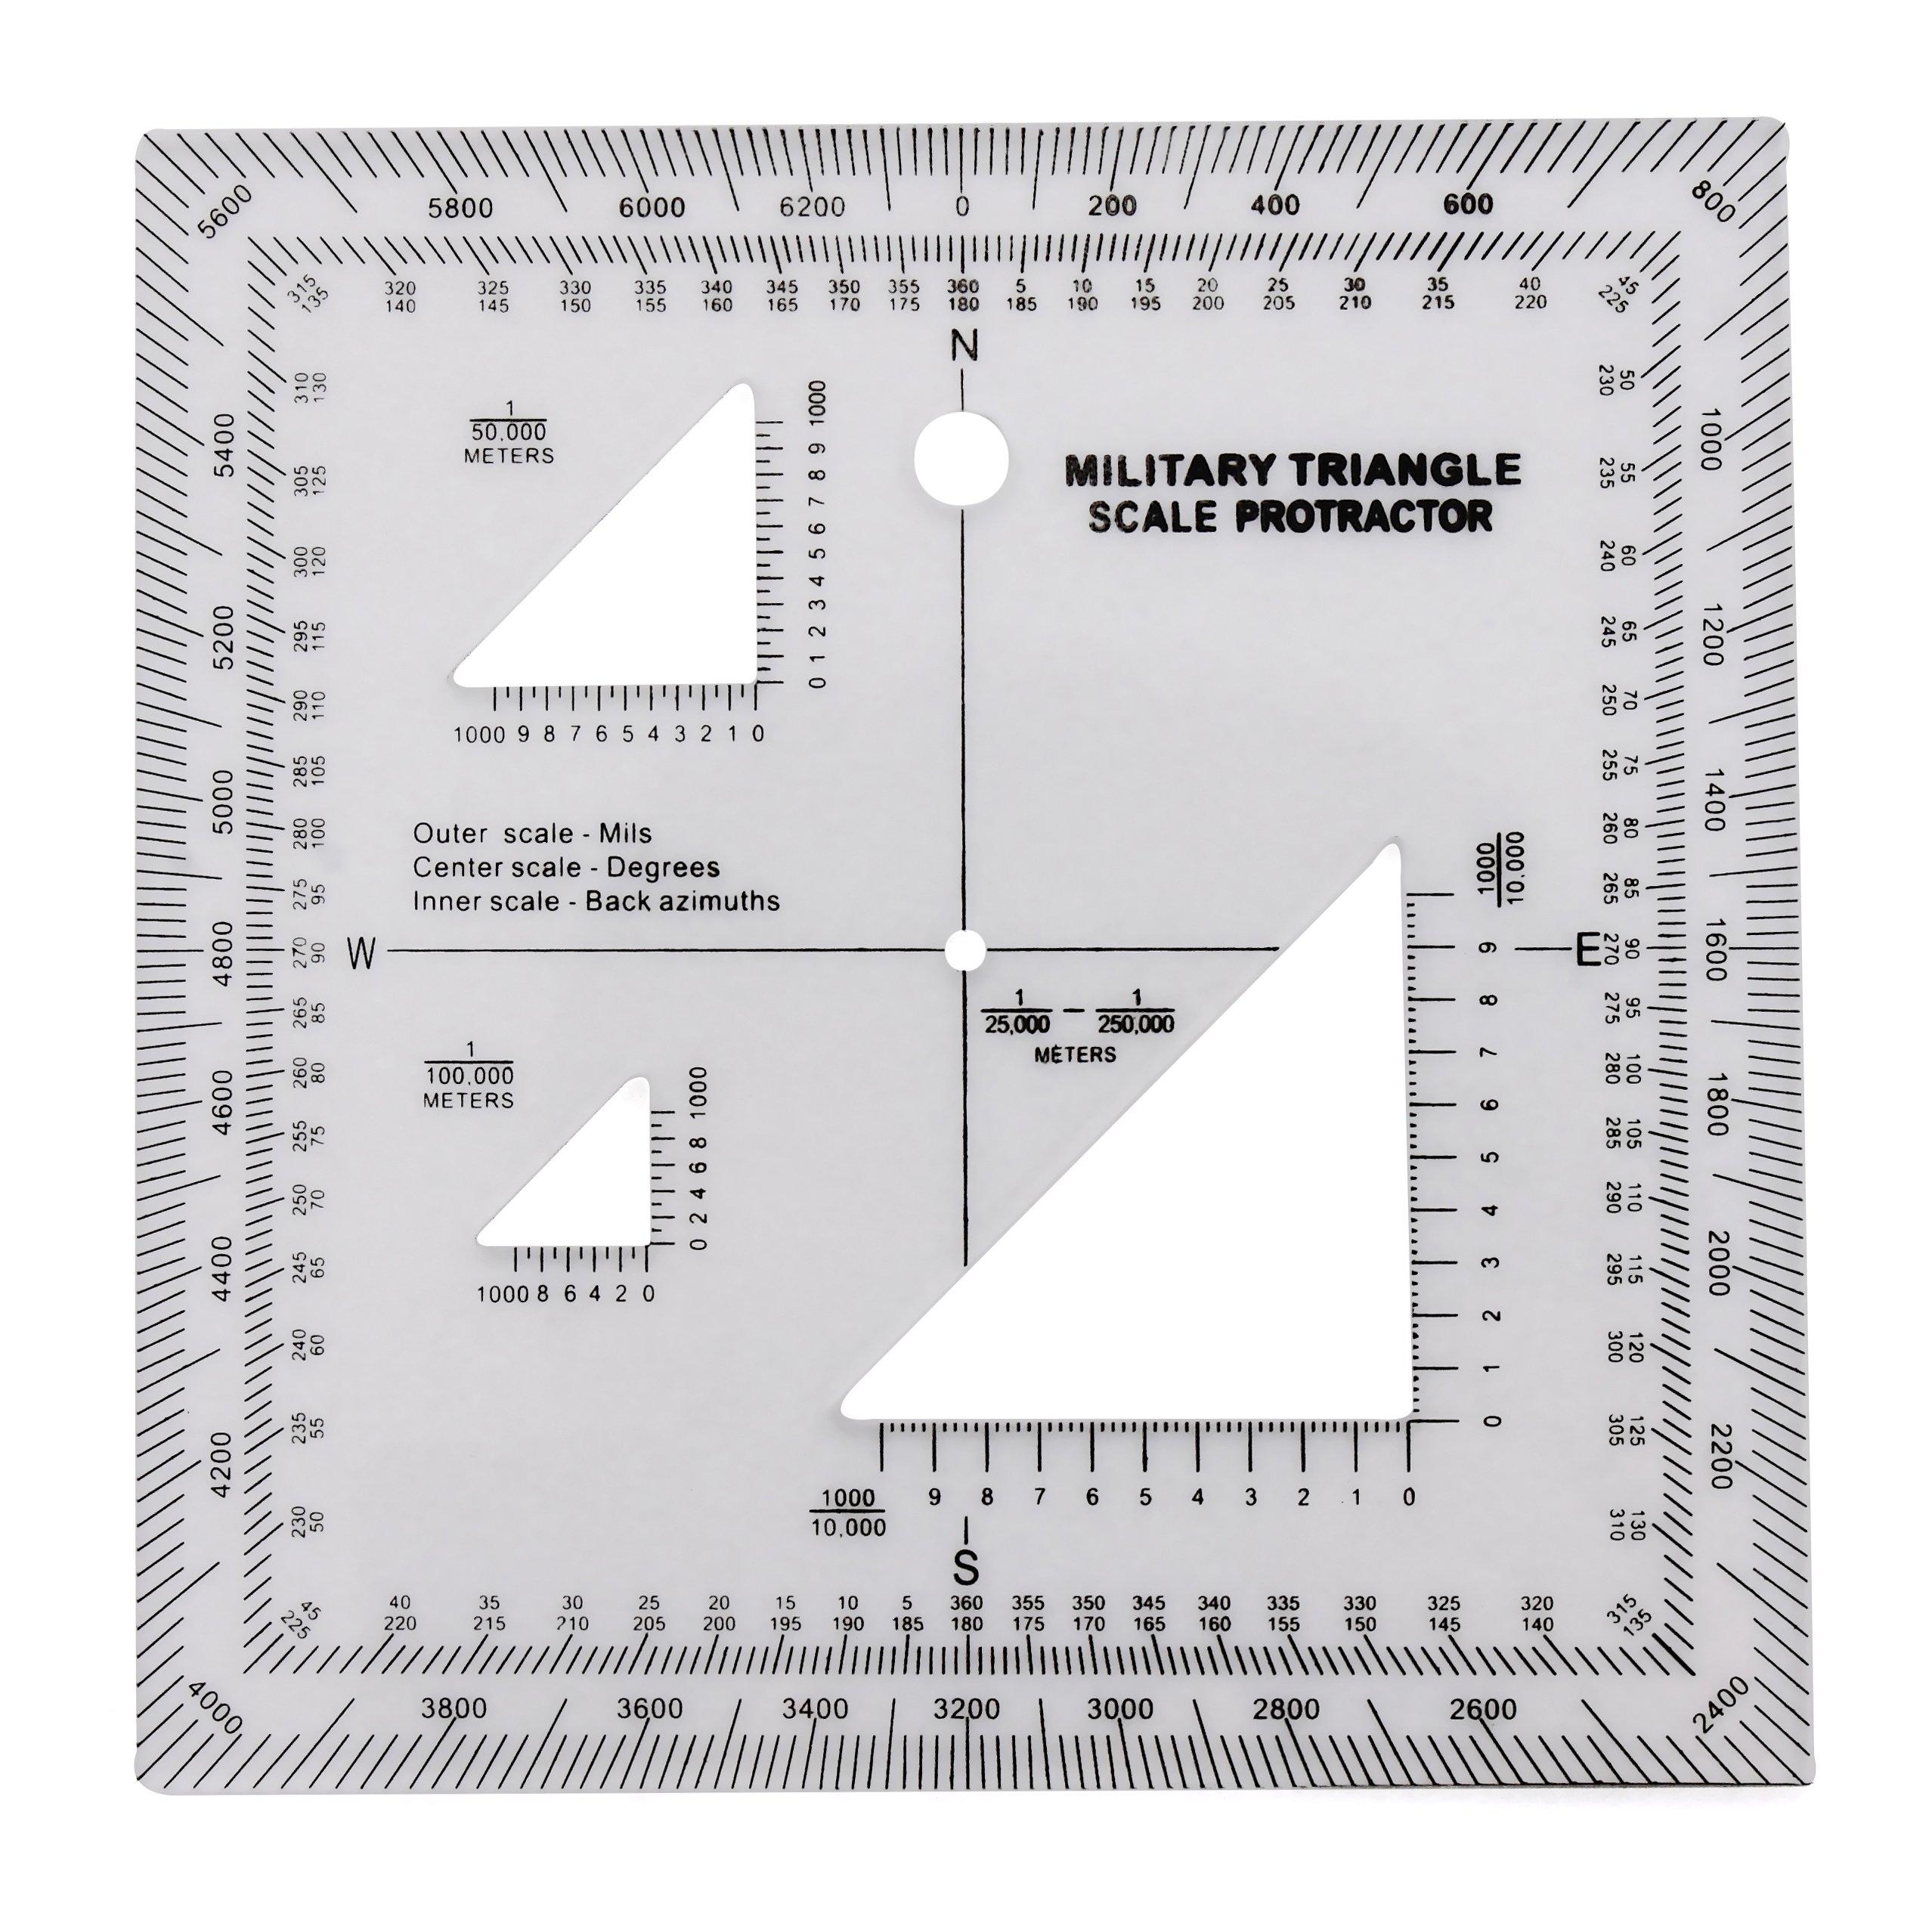 Militar UTM/Mgrs coordinar escala – mapa leer y tierra navegación – mapa topográfico escala, transportador de ángulos